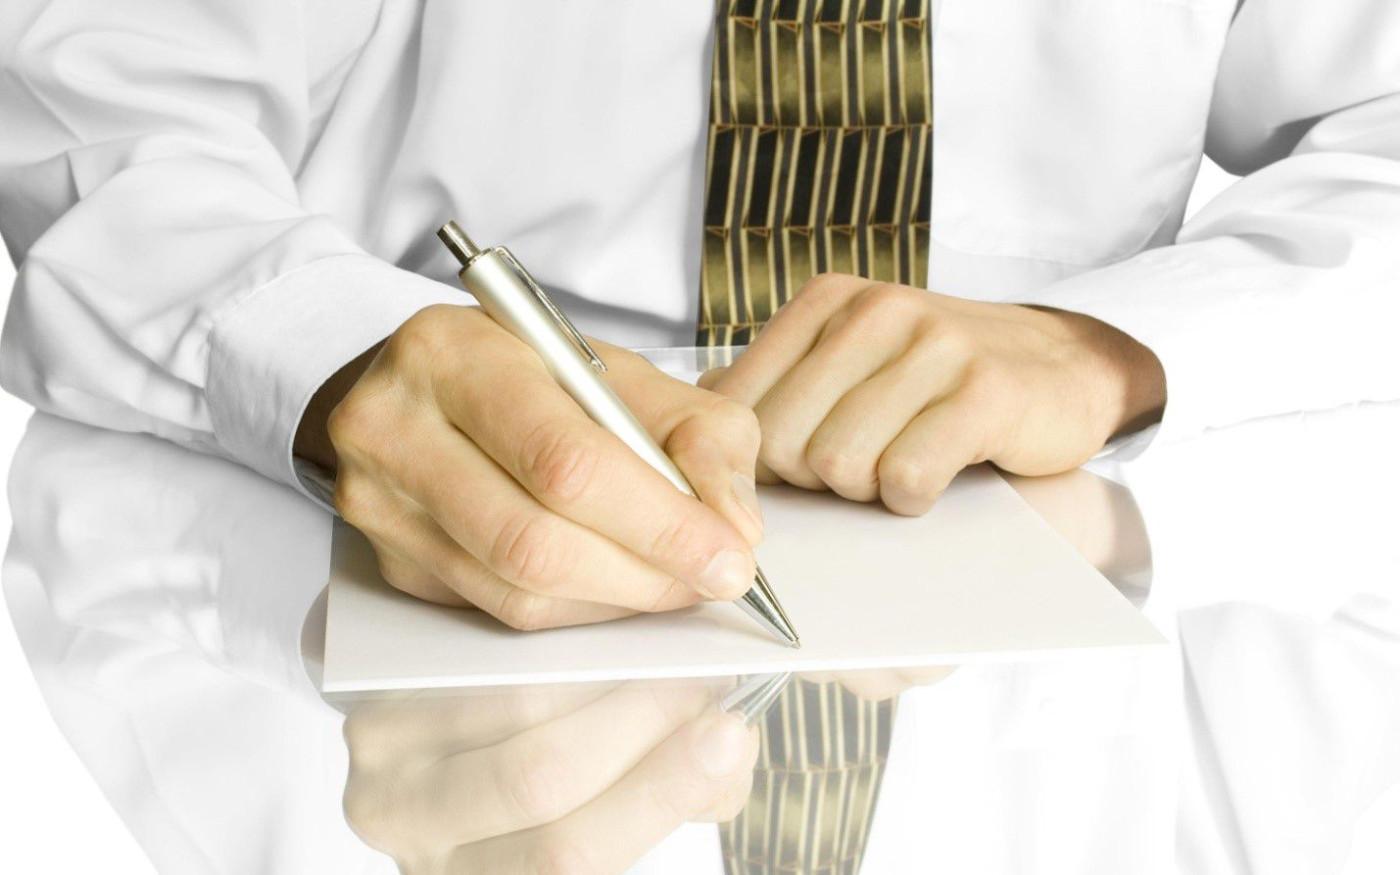 Как в суде оспорить проценты по кредиту?